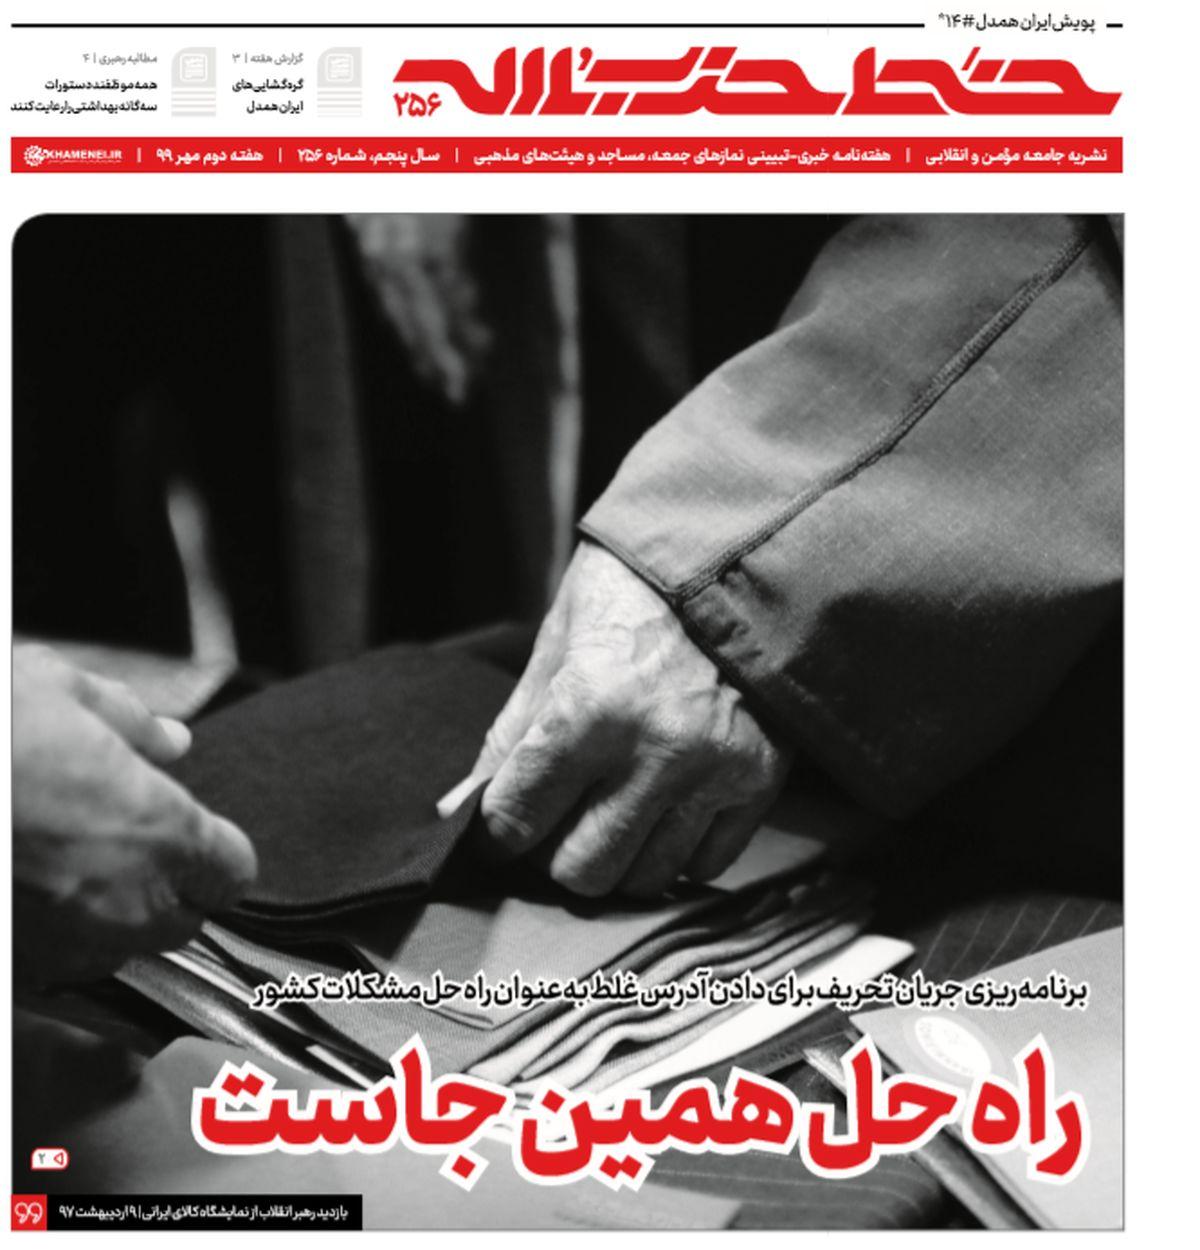 خط حزبالله ۲۵۶ منتشر شد؛ راه حل همینجاست